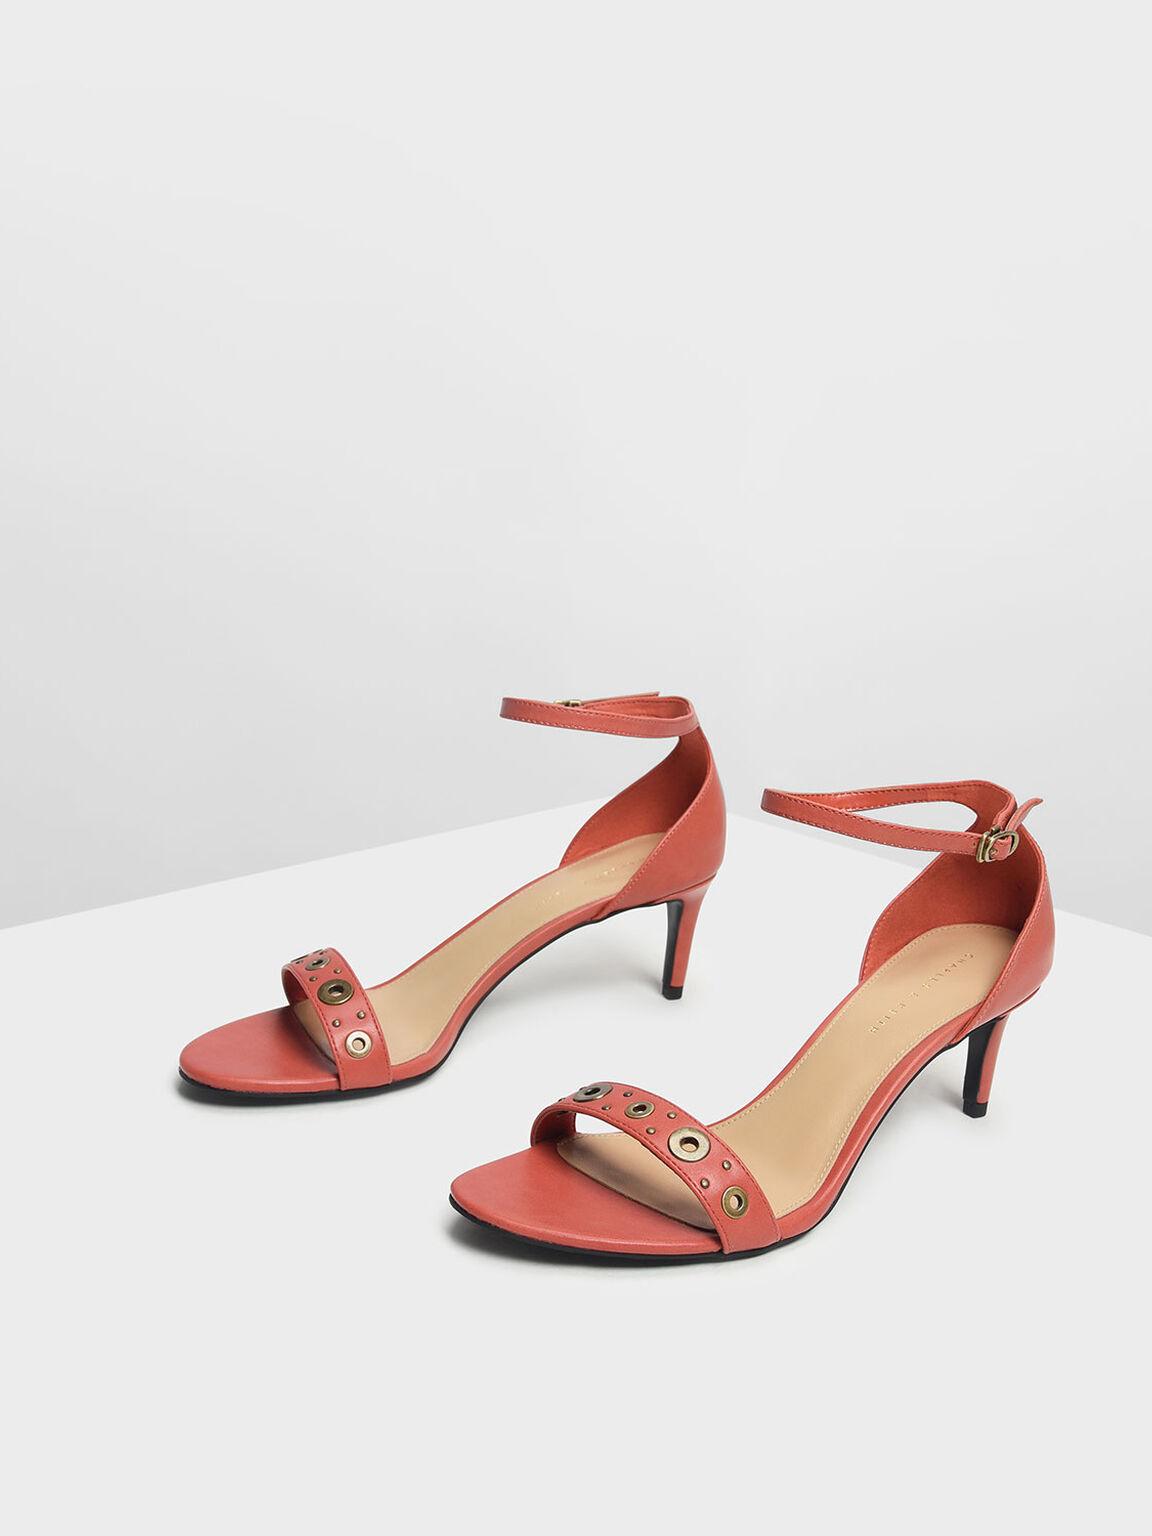 Grommet Detail Heeled Sandals, Orange, hi-res